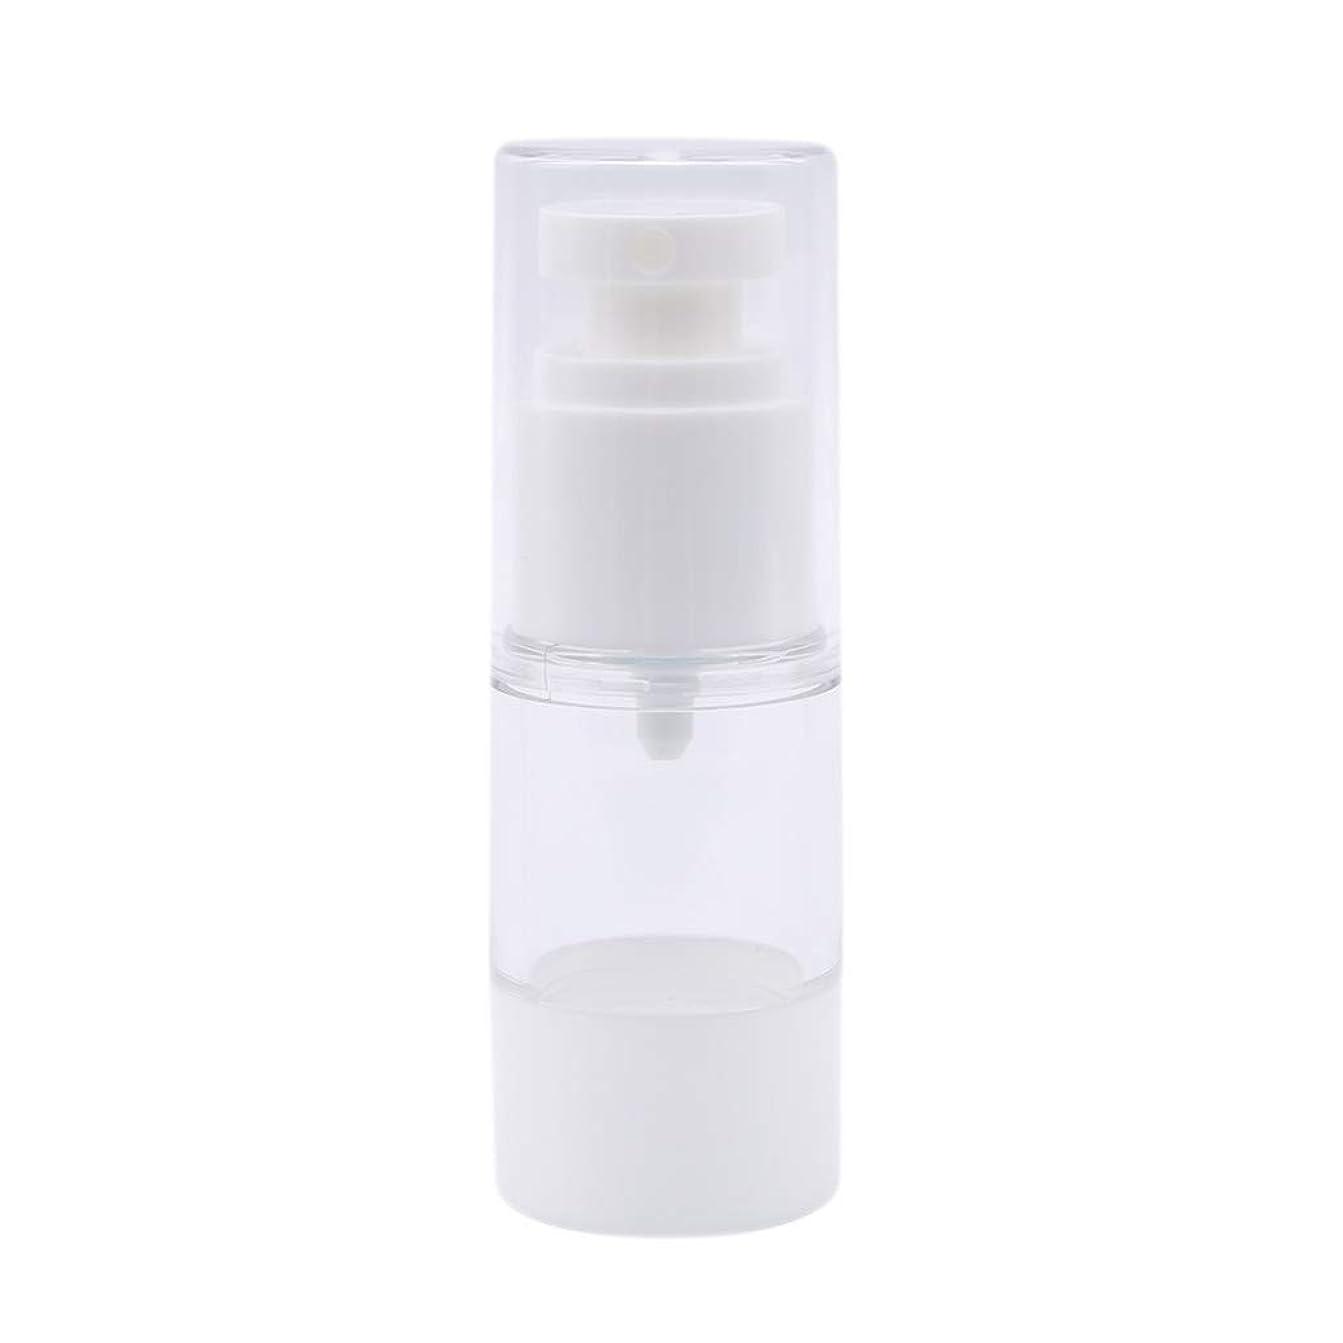 オール検閲腐った80ML白い真空スプレーボトル化粧品瓶詰め